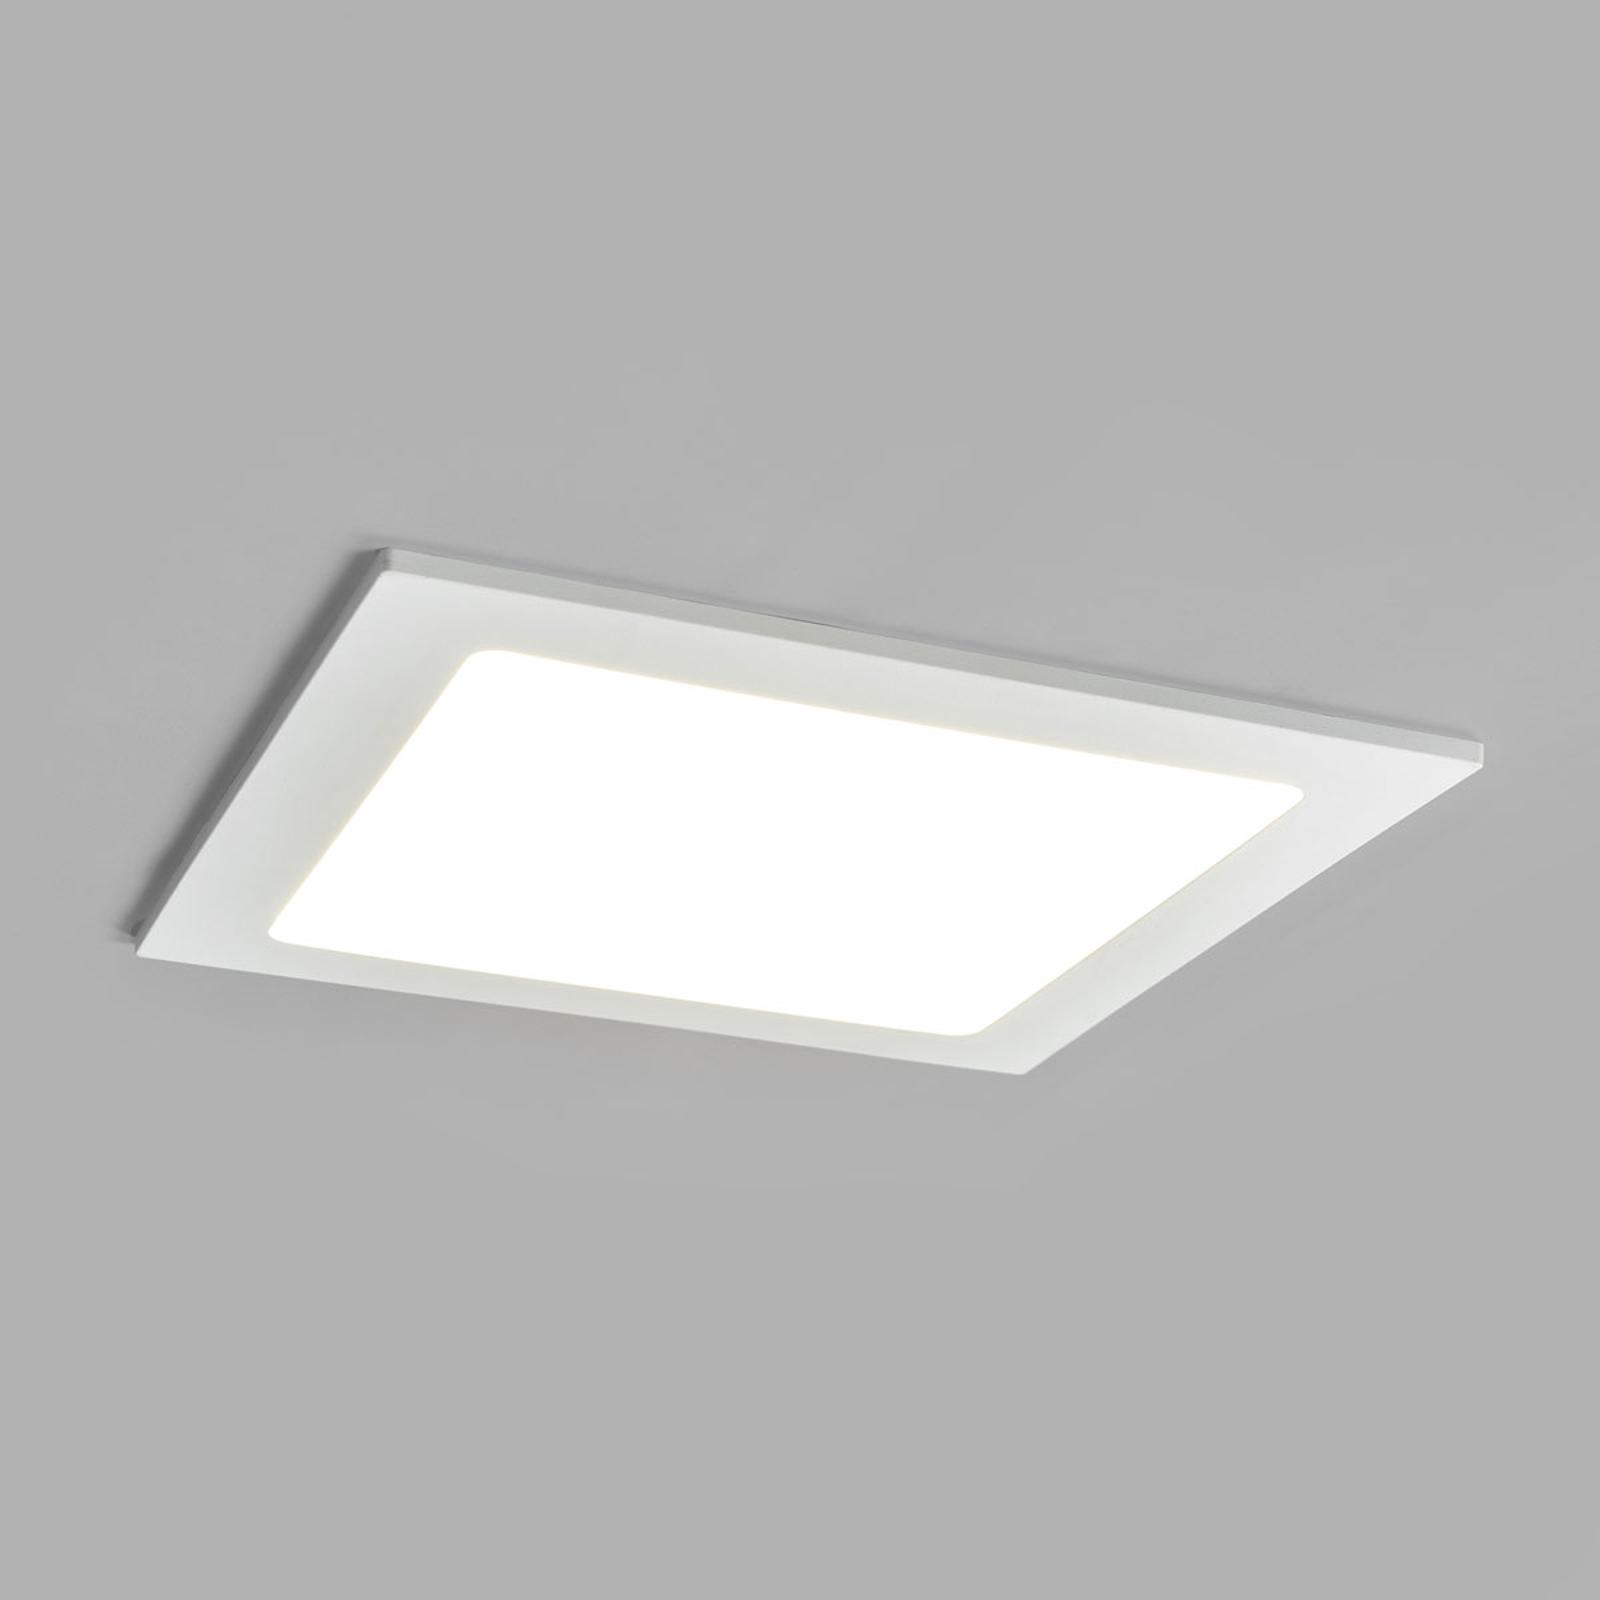 LED-innfelt spot Joki, hvit, 4000K kantet 22cm